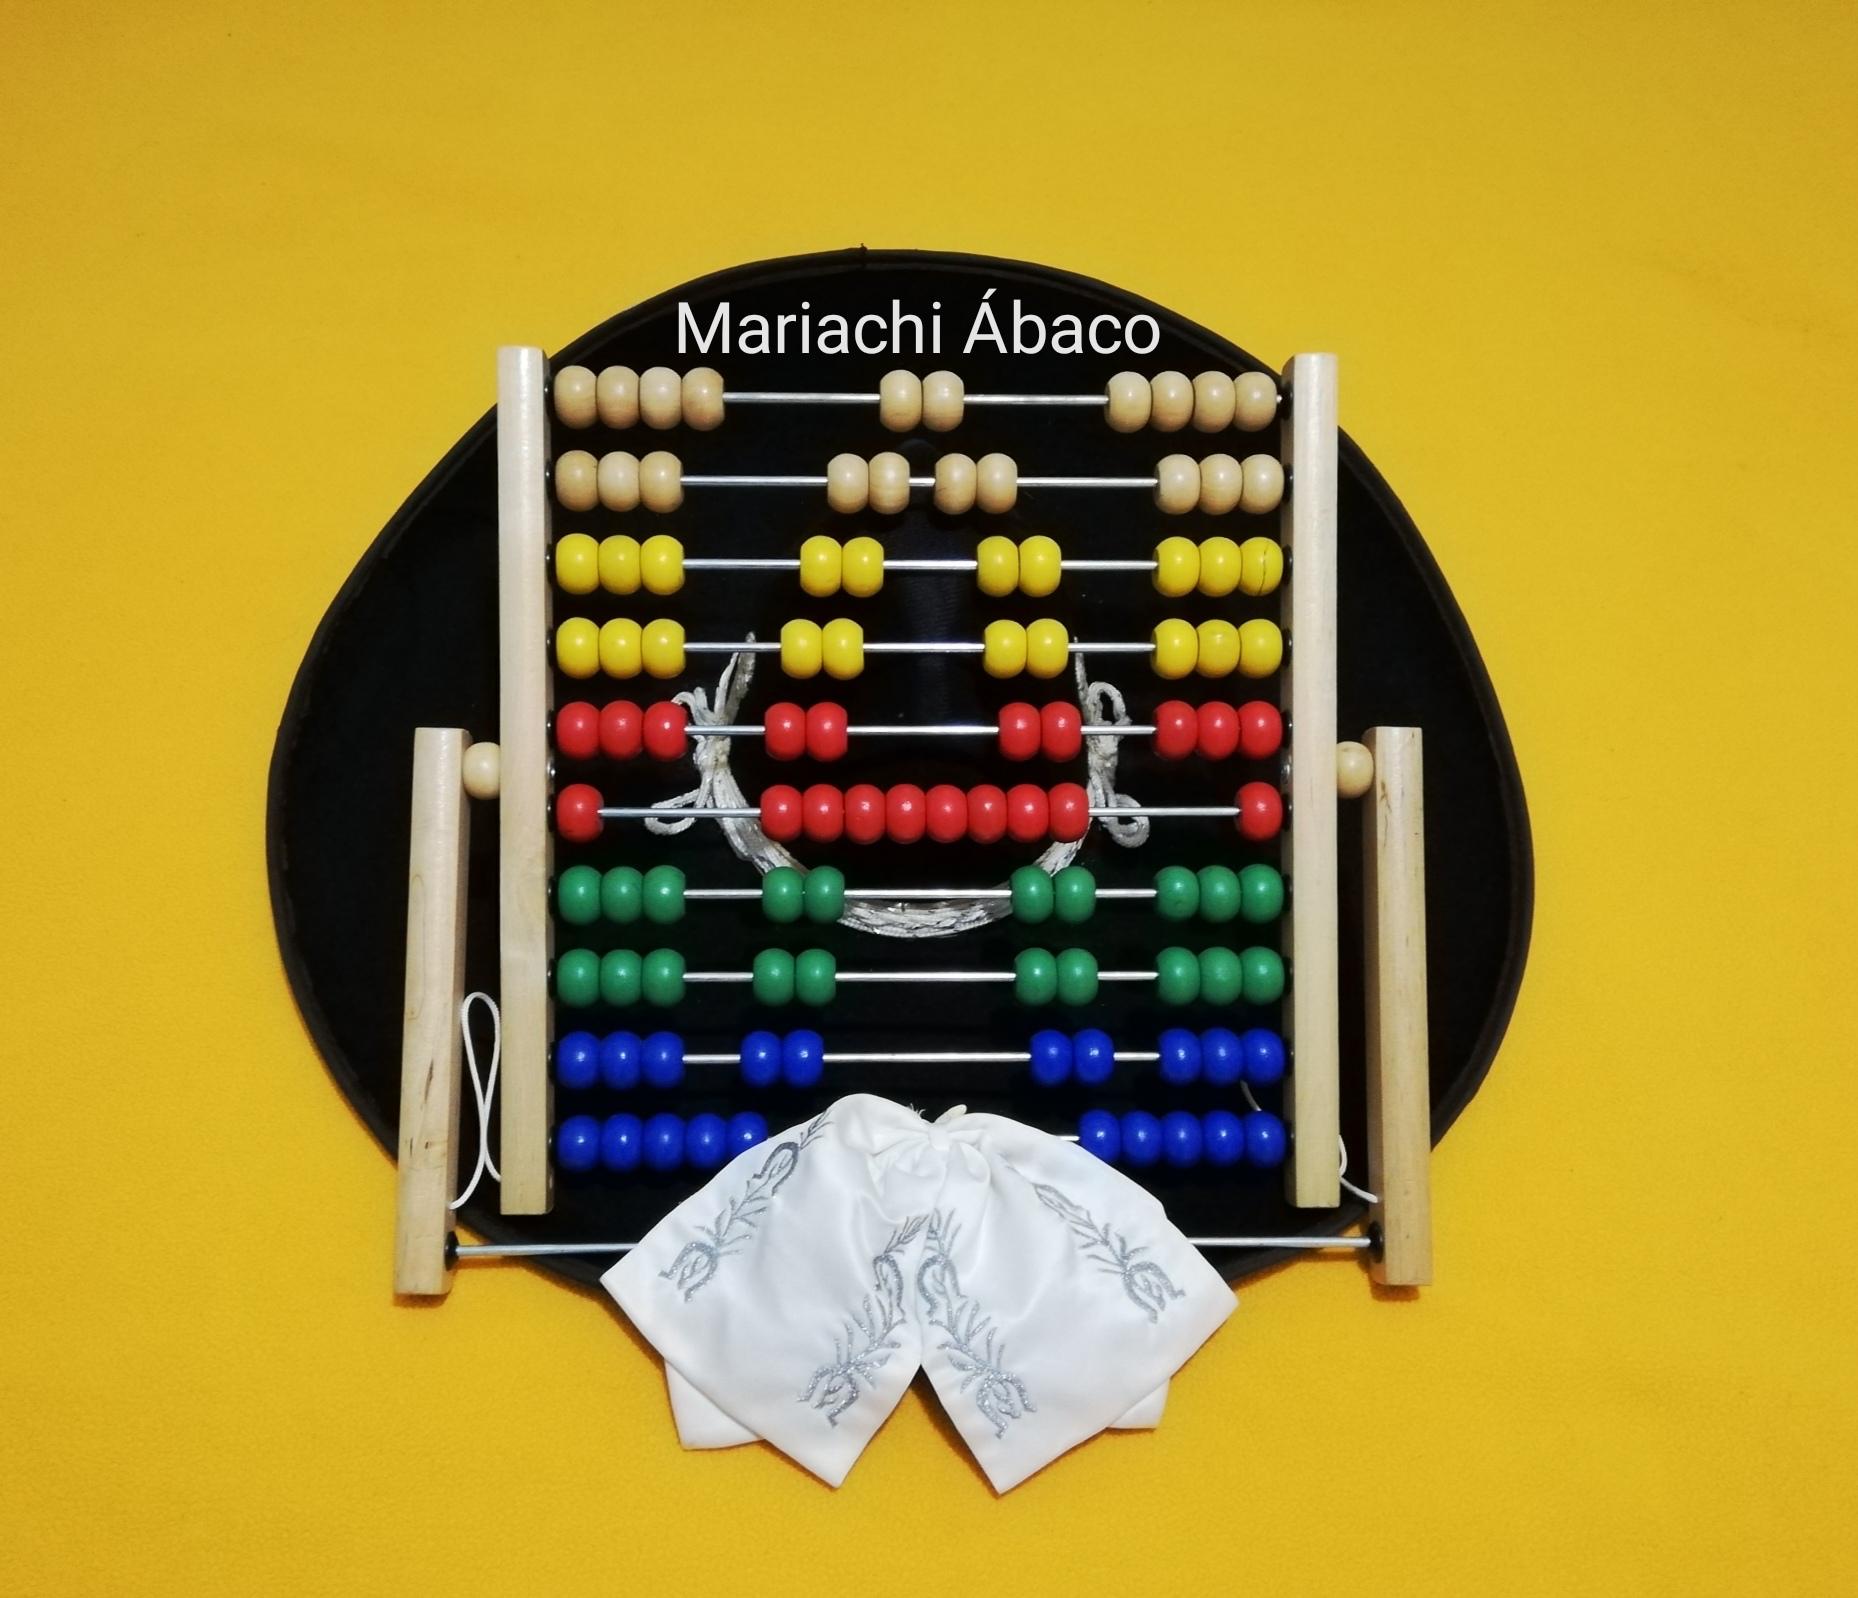 Mariachi Ábaco